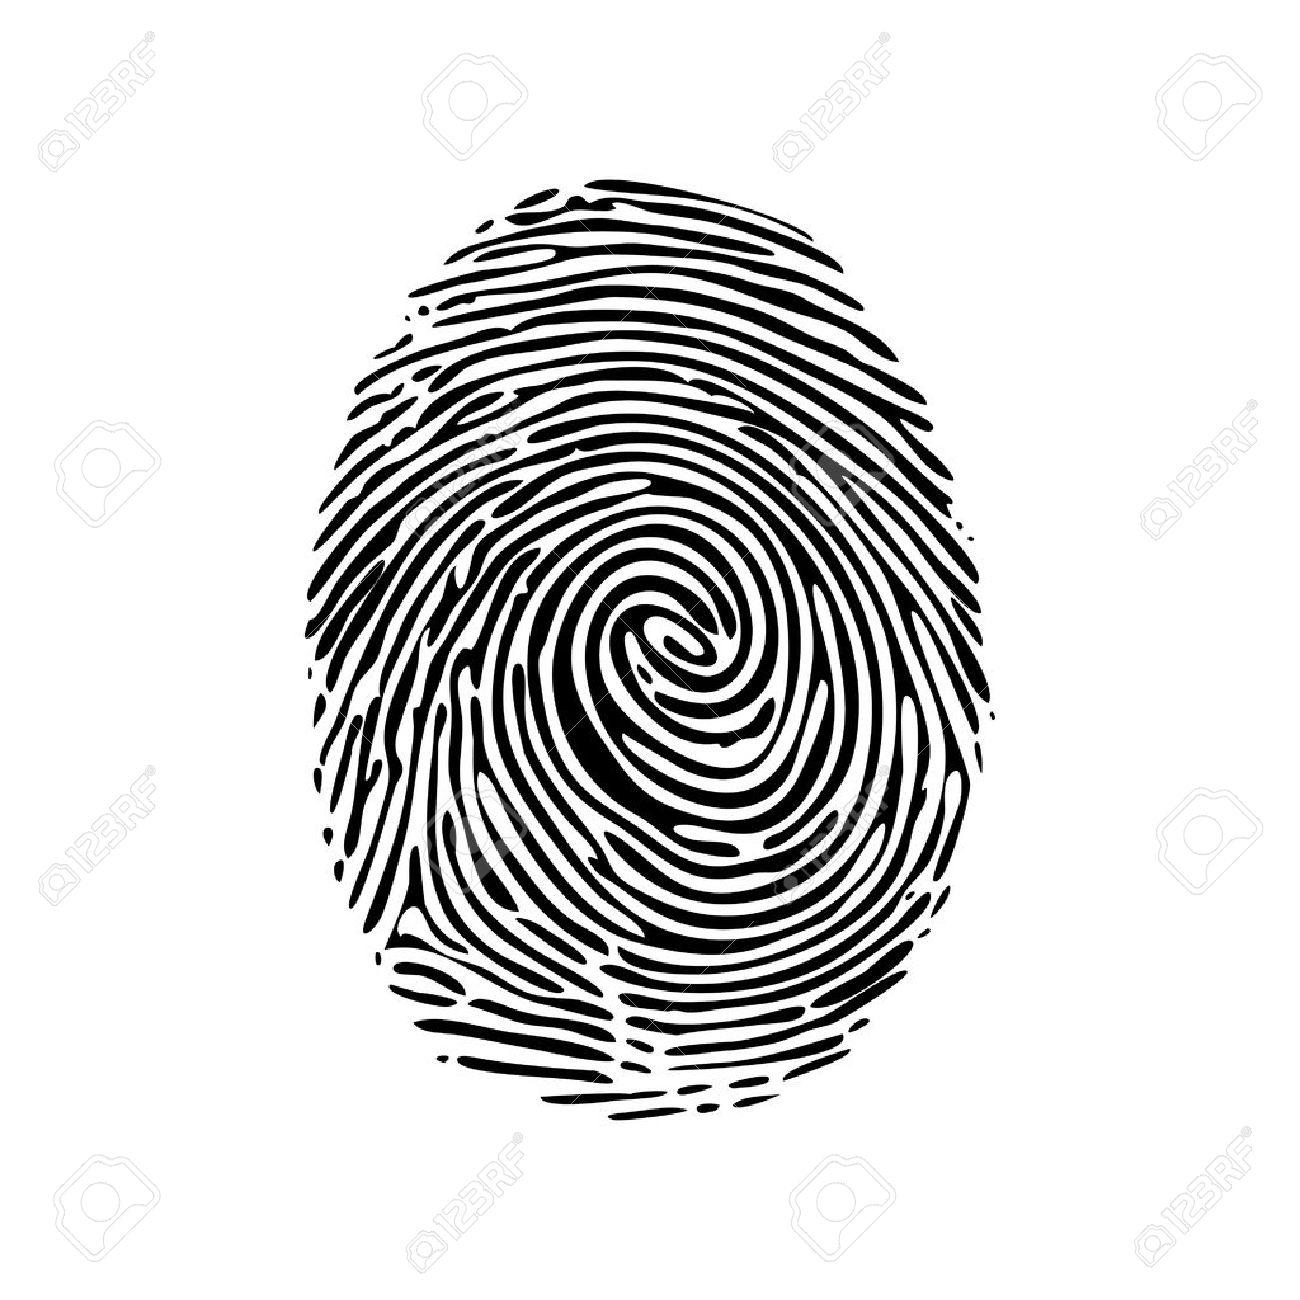 Großartig Bild Fingerabdruck Referenz Von Realistische Auf Einem Weißen Hintergrund. Fingerabdruck-symbol. Schwarz